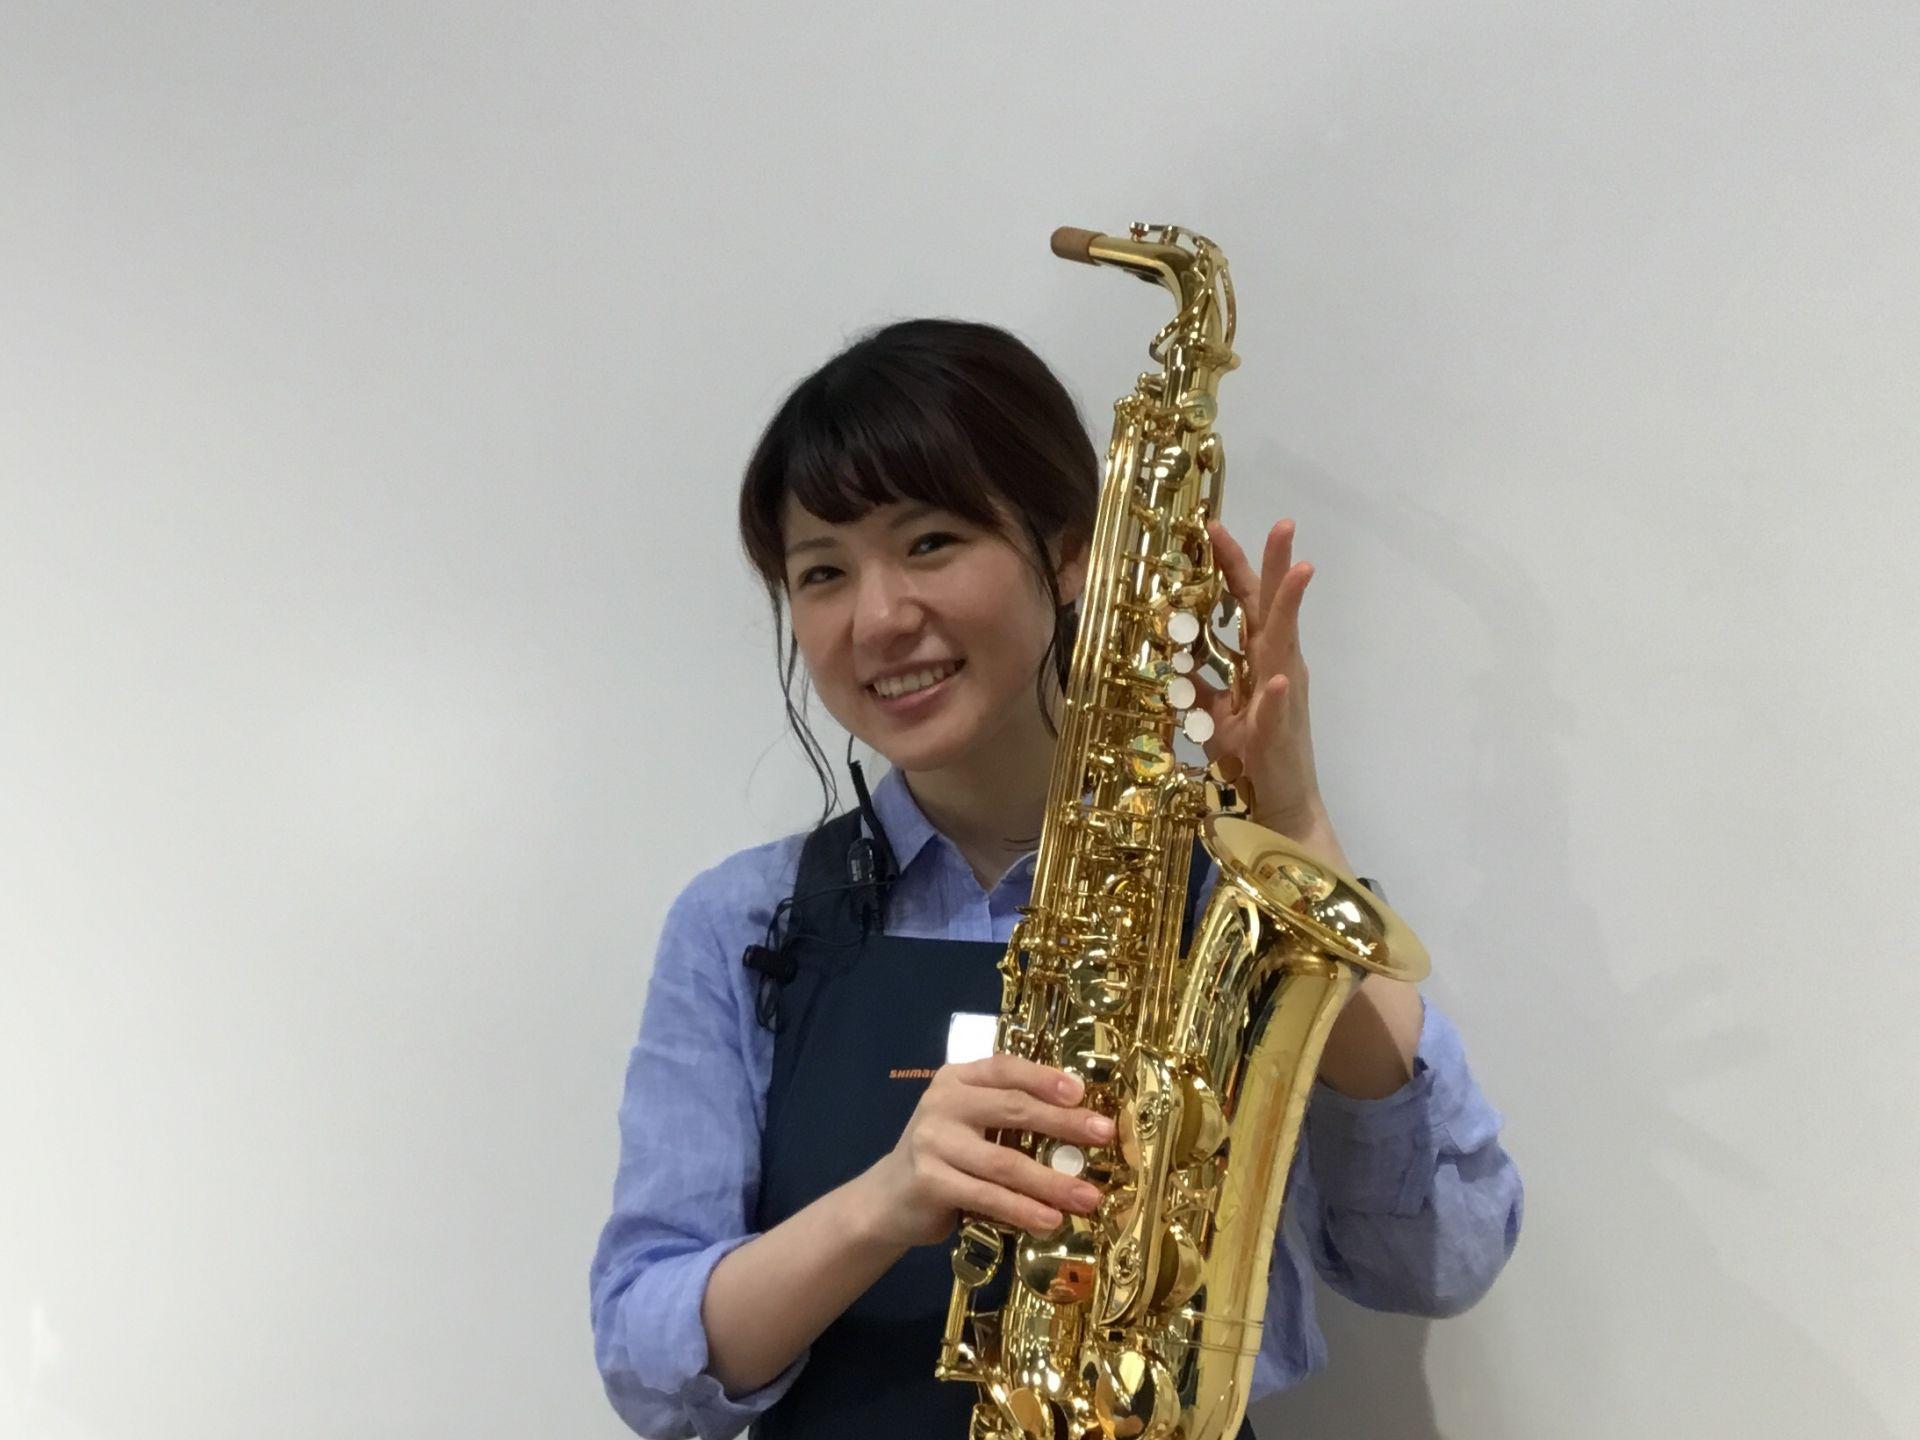 【管楽器】管楽器の必需品そろってます!大学生の吹奏楽・ビックバンドサークル応援!